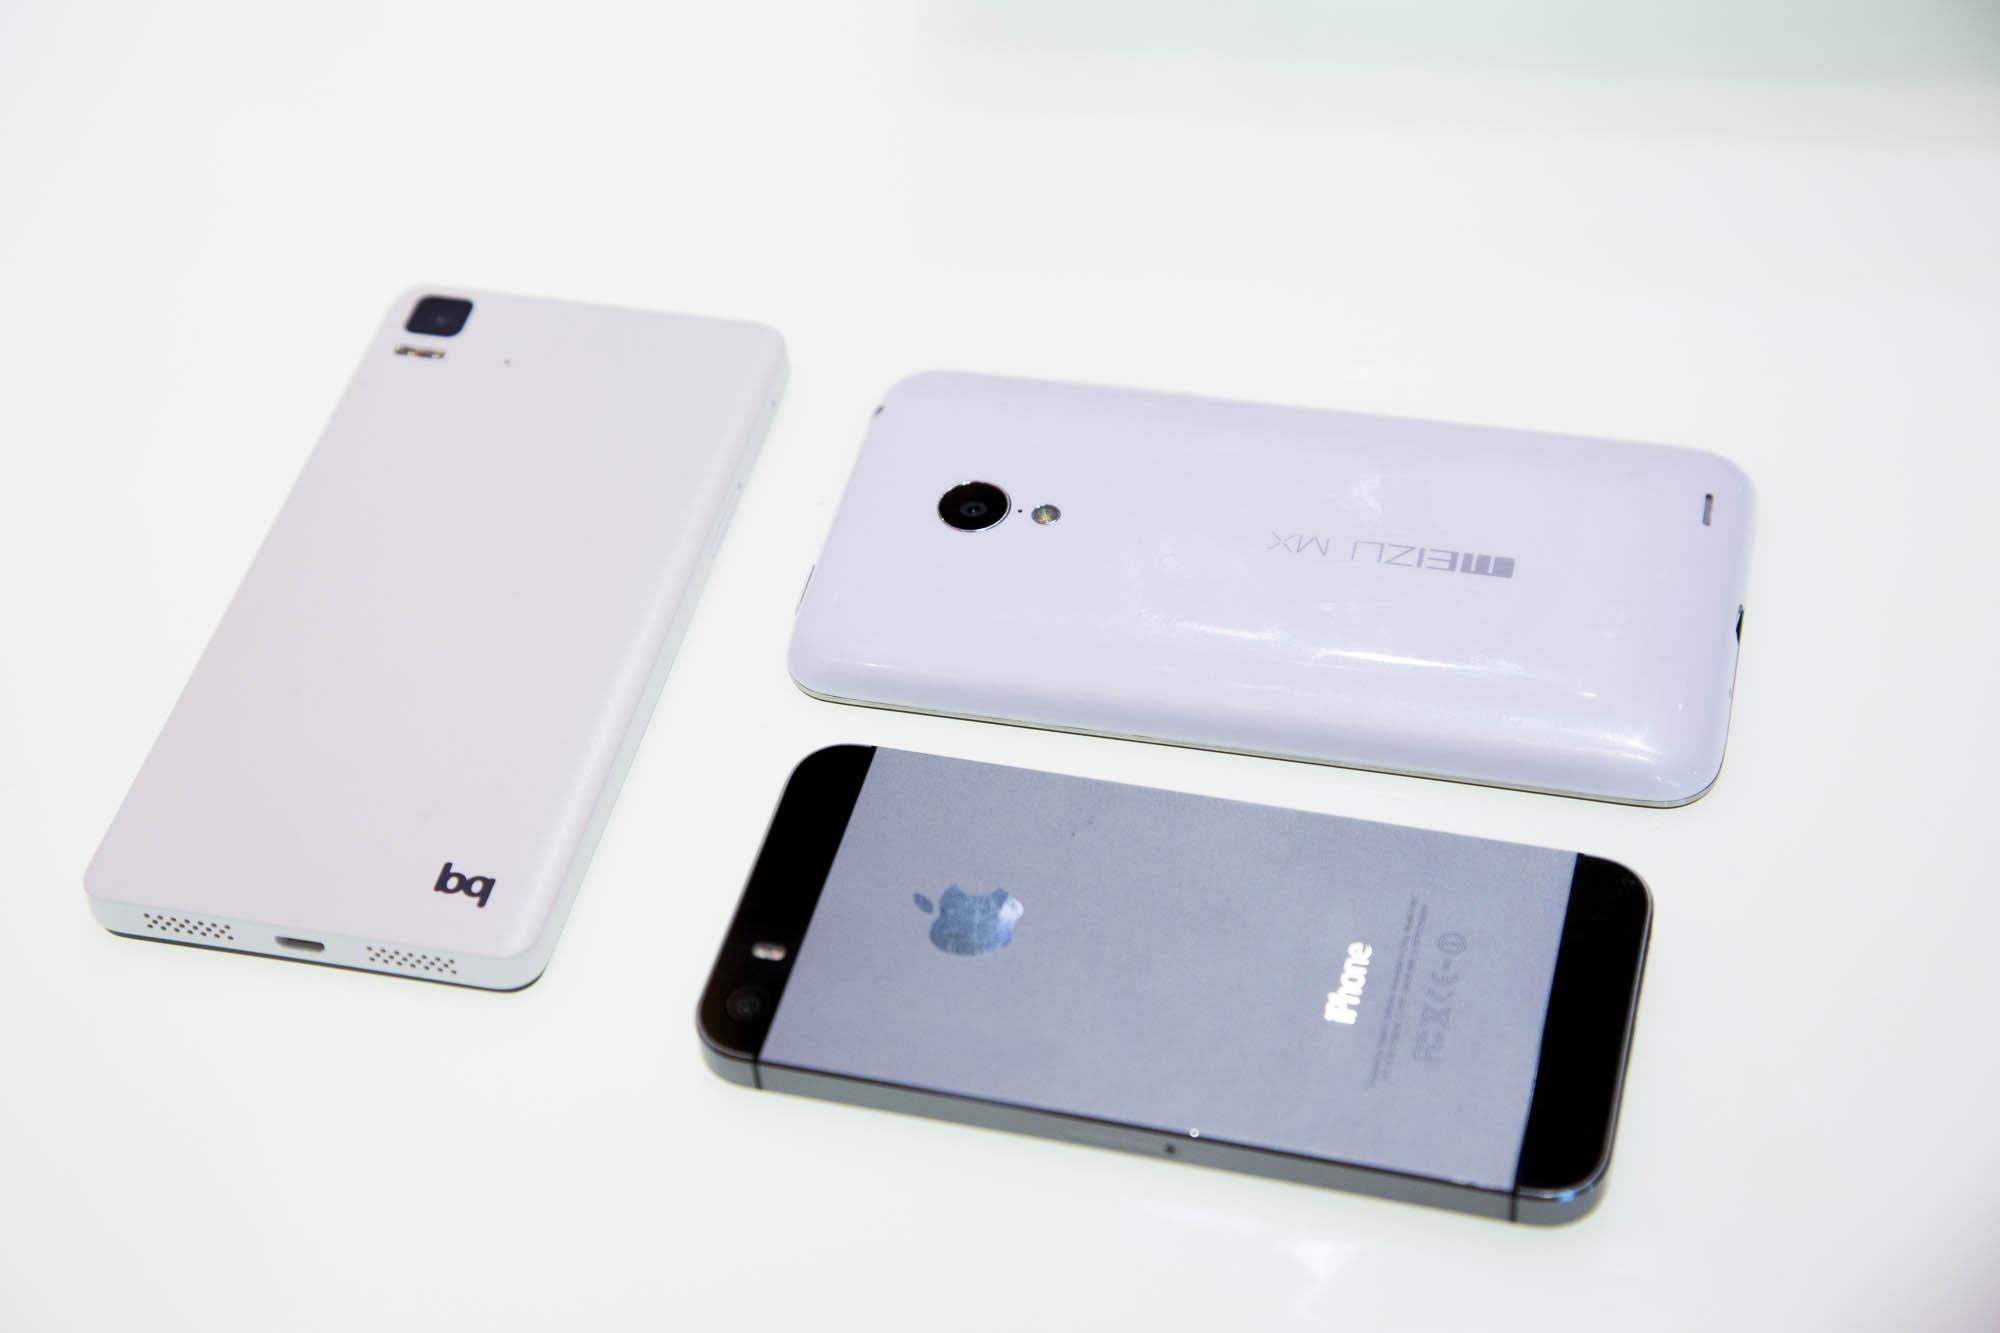 Canonical: Erste funktionsfähige Ubuntu-Smartphones vorgestellt - Das Aquaris von BQ (l.) und das MX3 von Meizu (oben) neben einem iPhone 5s (Bilder: Fabian Hamacher/Golem.de)